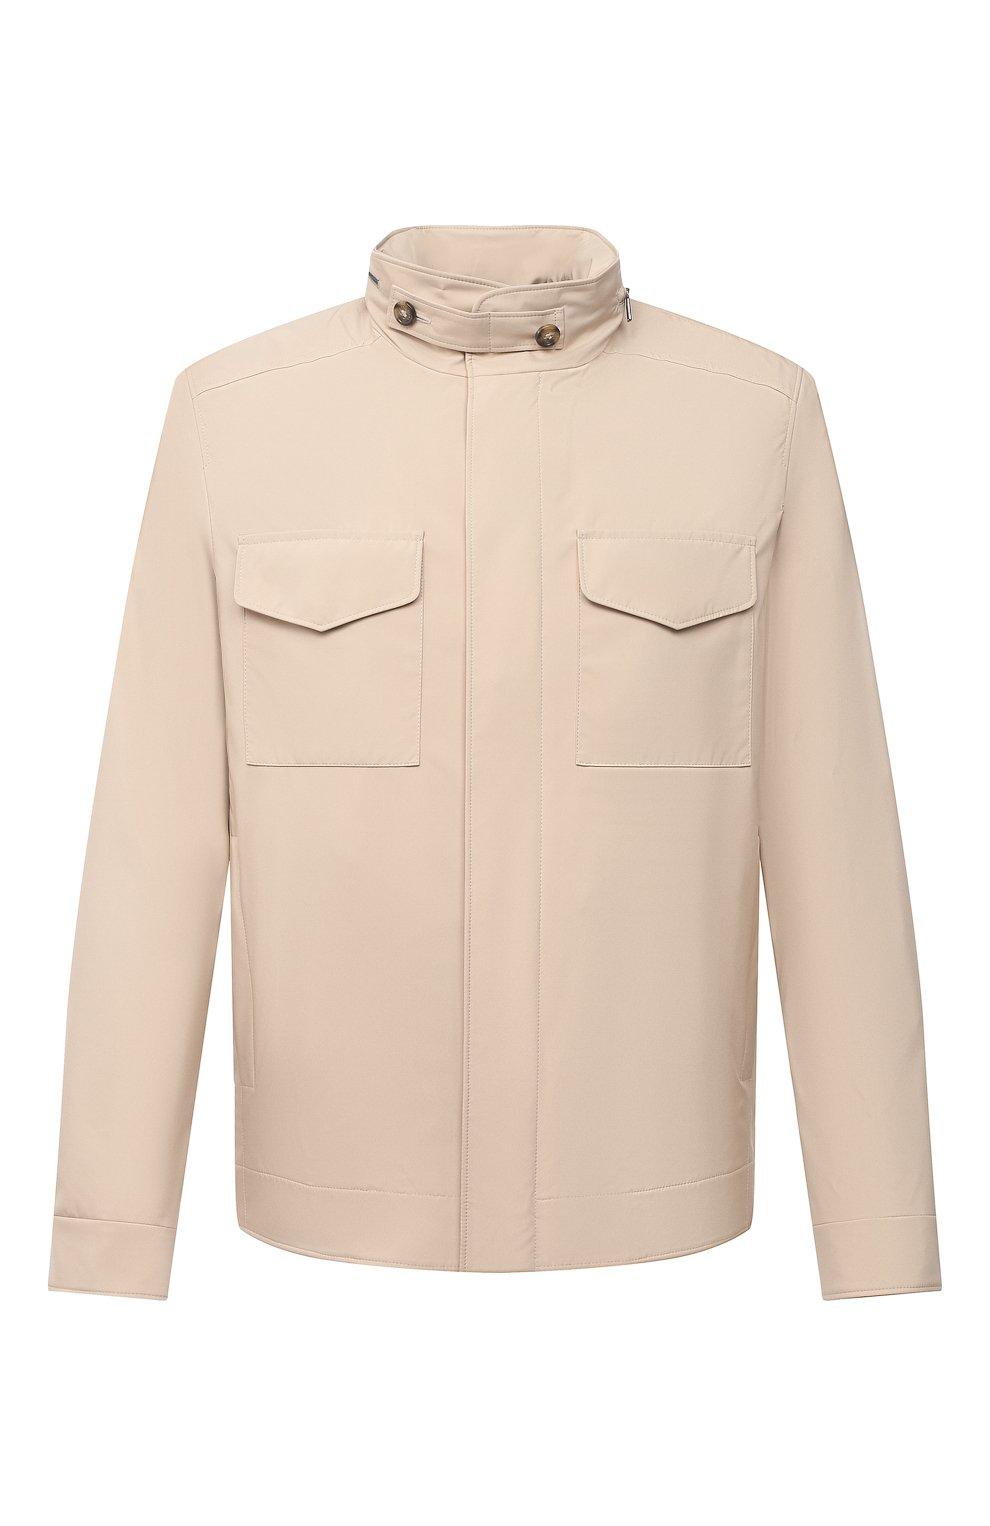 Мужская куртка LORO PIANA бежевого цвета, арт. FAL5139 | Фото 1 (Кросс-КТ: Куртка, Ветровка; Материал утеплителя: Шерсть; Рукава: Длинные; Материал внешний: Синтетический материал; Длина (верхняя одежда): Короткие; Стили: Кэжуэл)